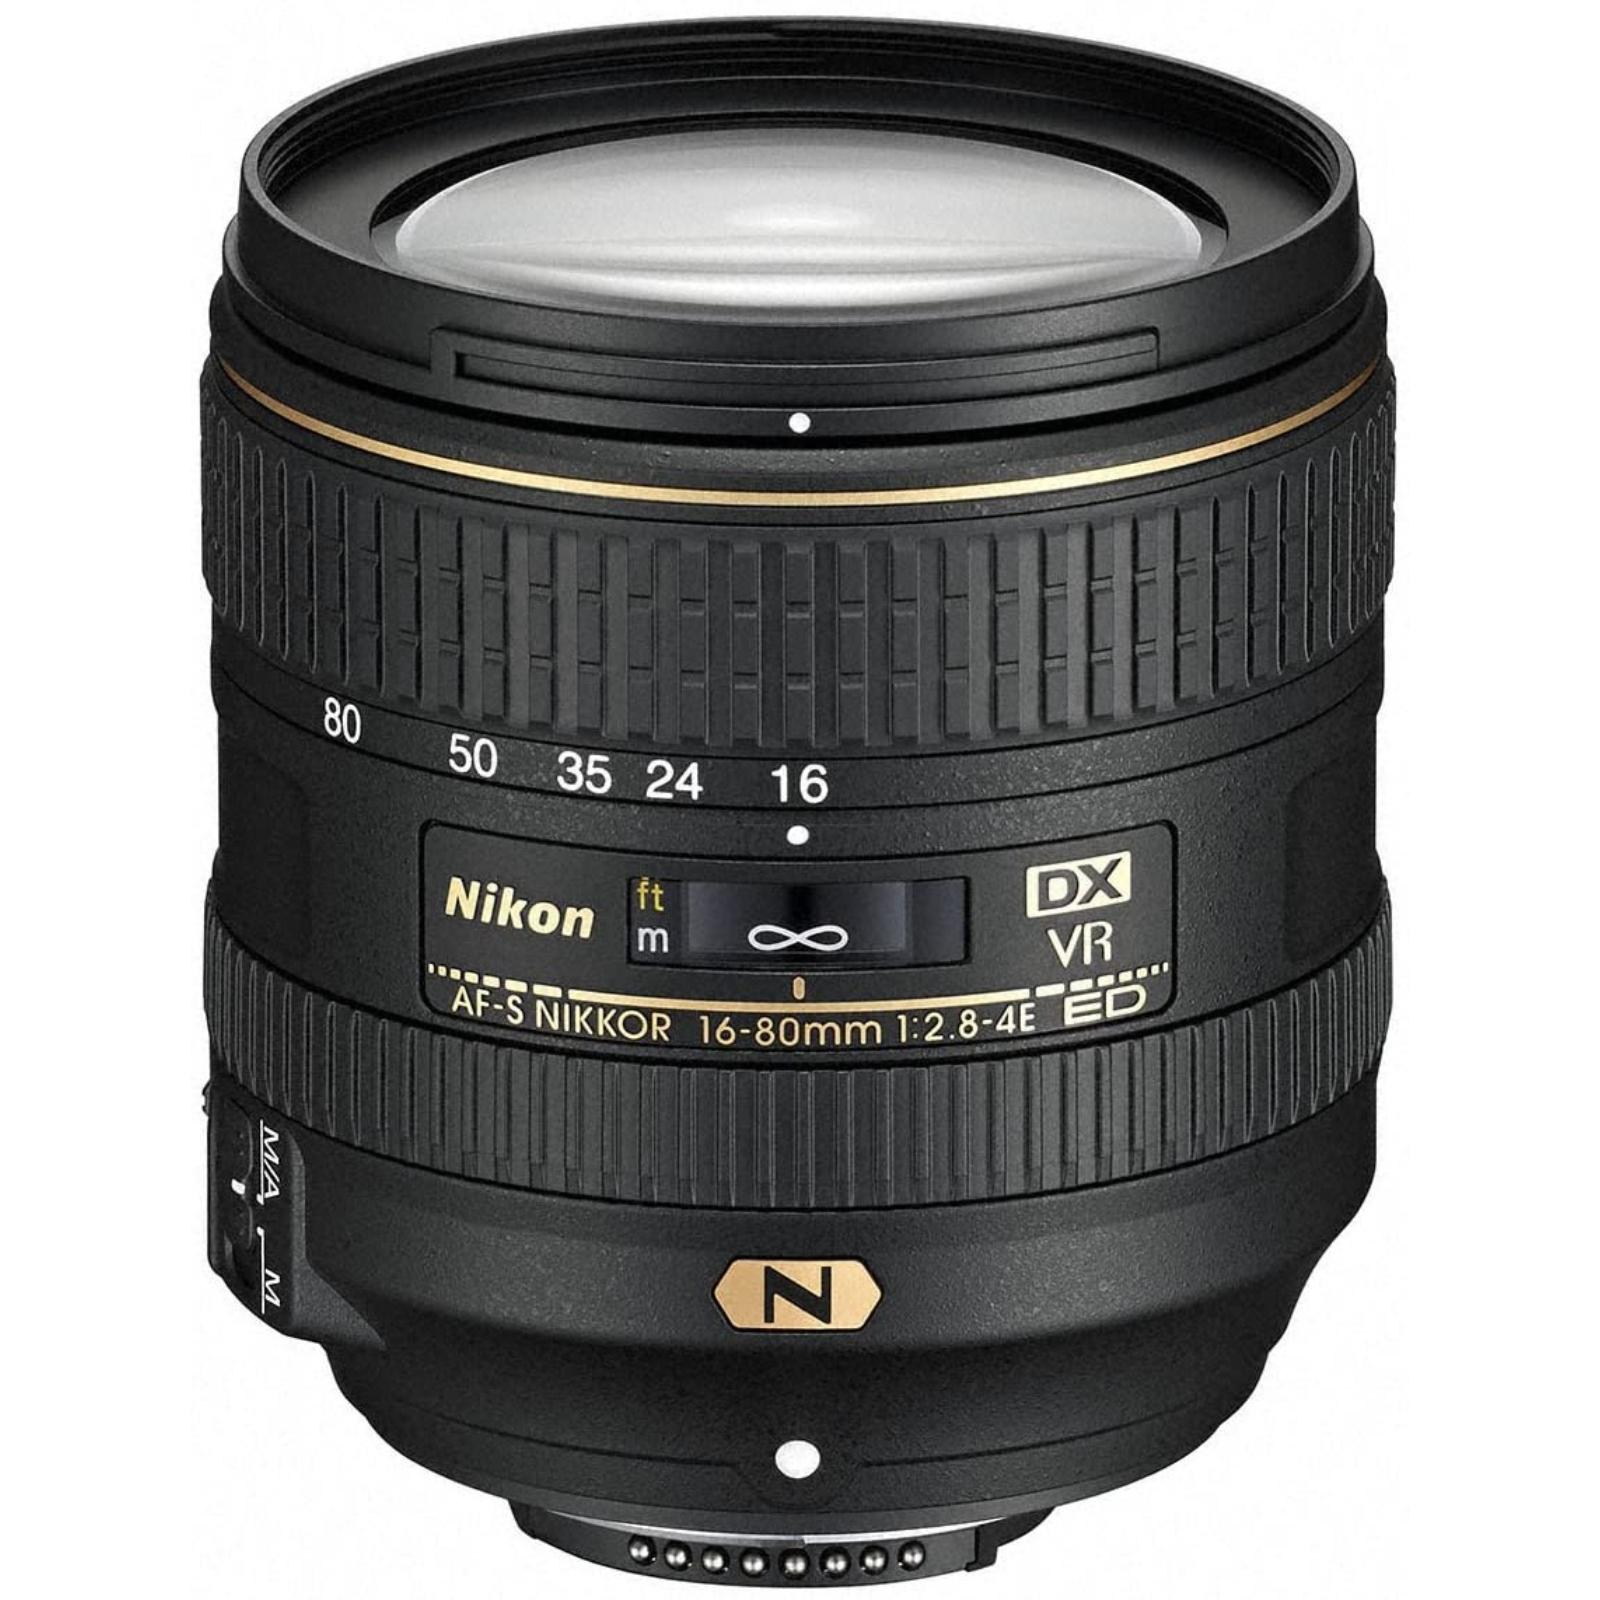 Nikon ニコン 標準ズームレンズ AF-S DX NIKKOR 16-80mm f/2.8-4E ED VR 新品 (簡易箱)